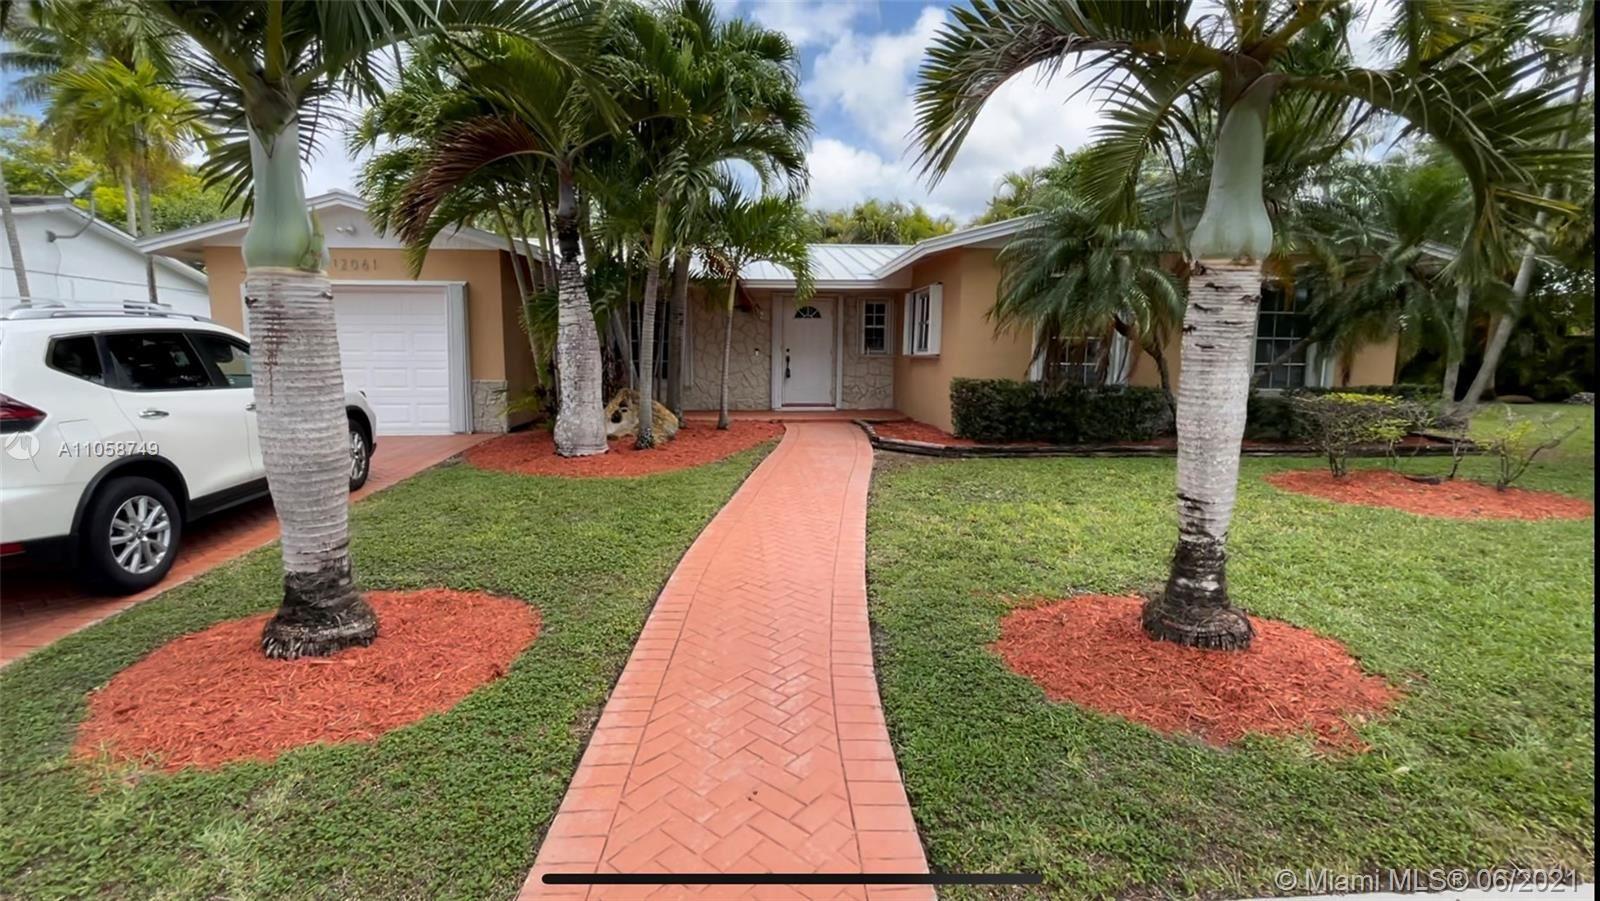 12061 SW 116th St, Miami, FL 33186 - #: A11058749